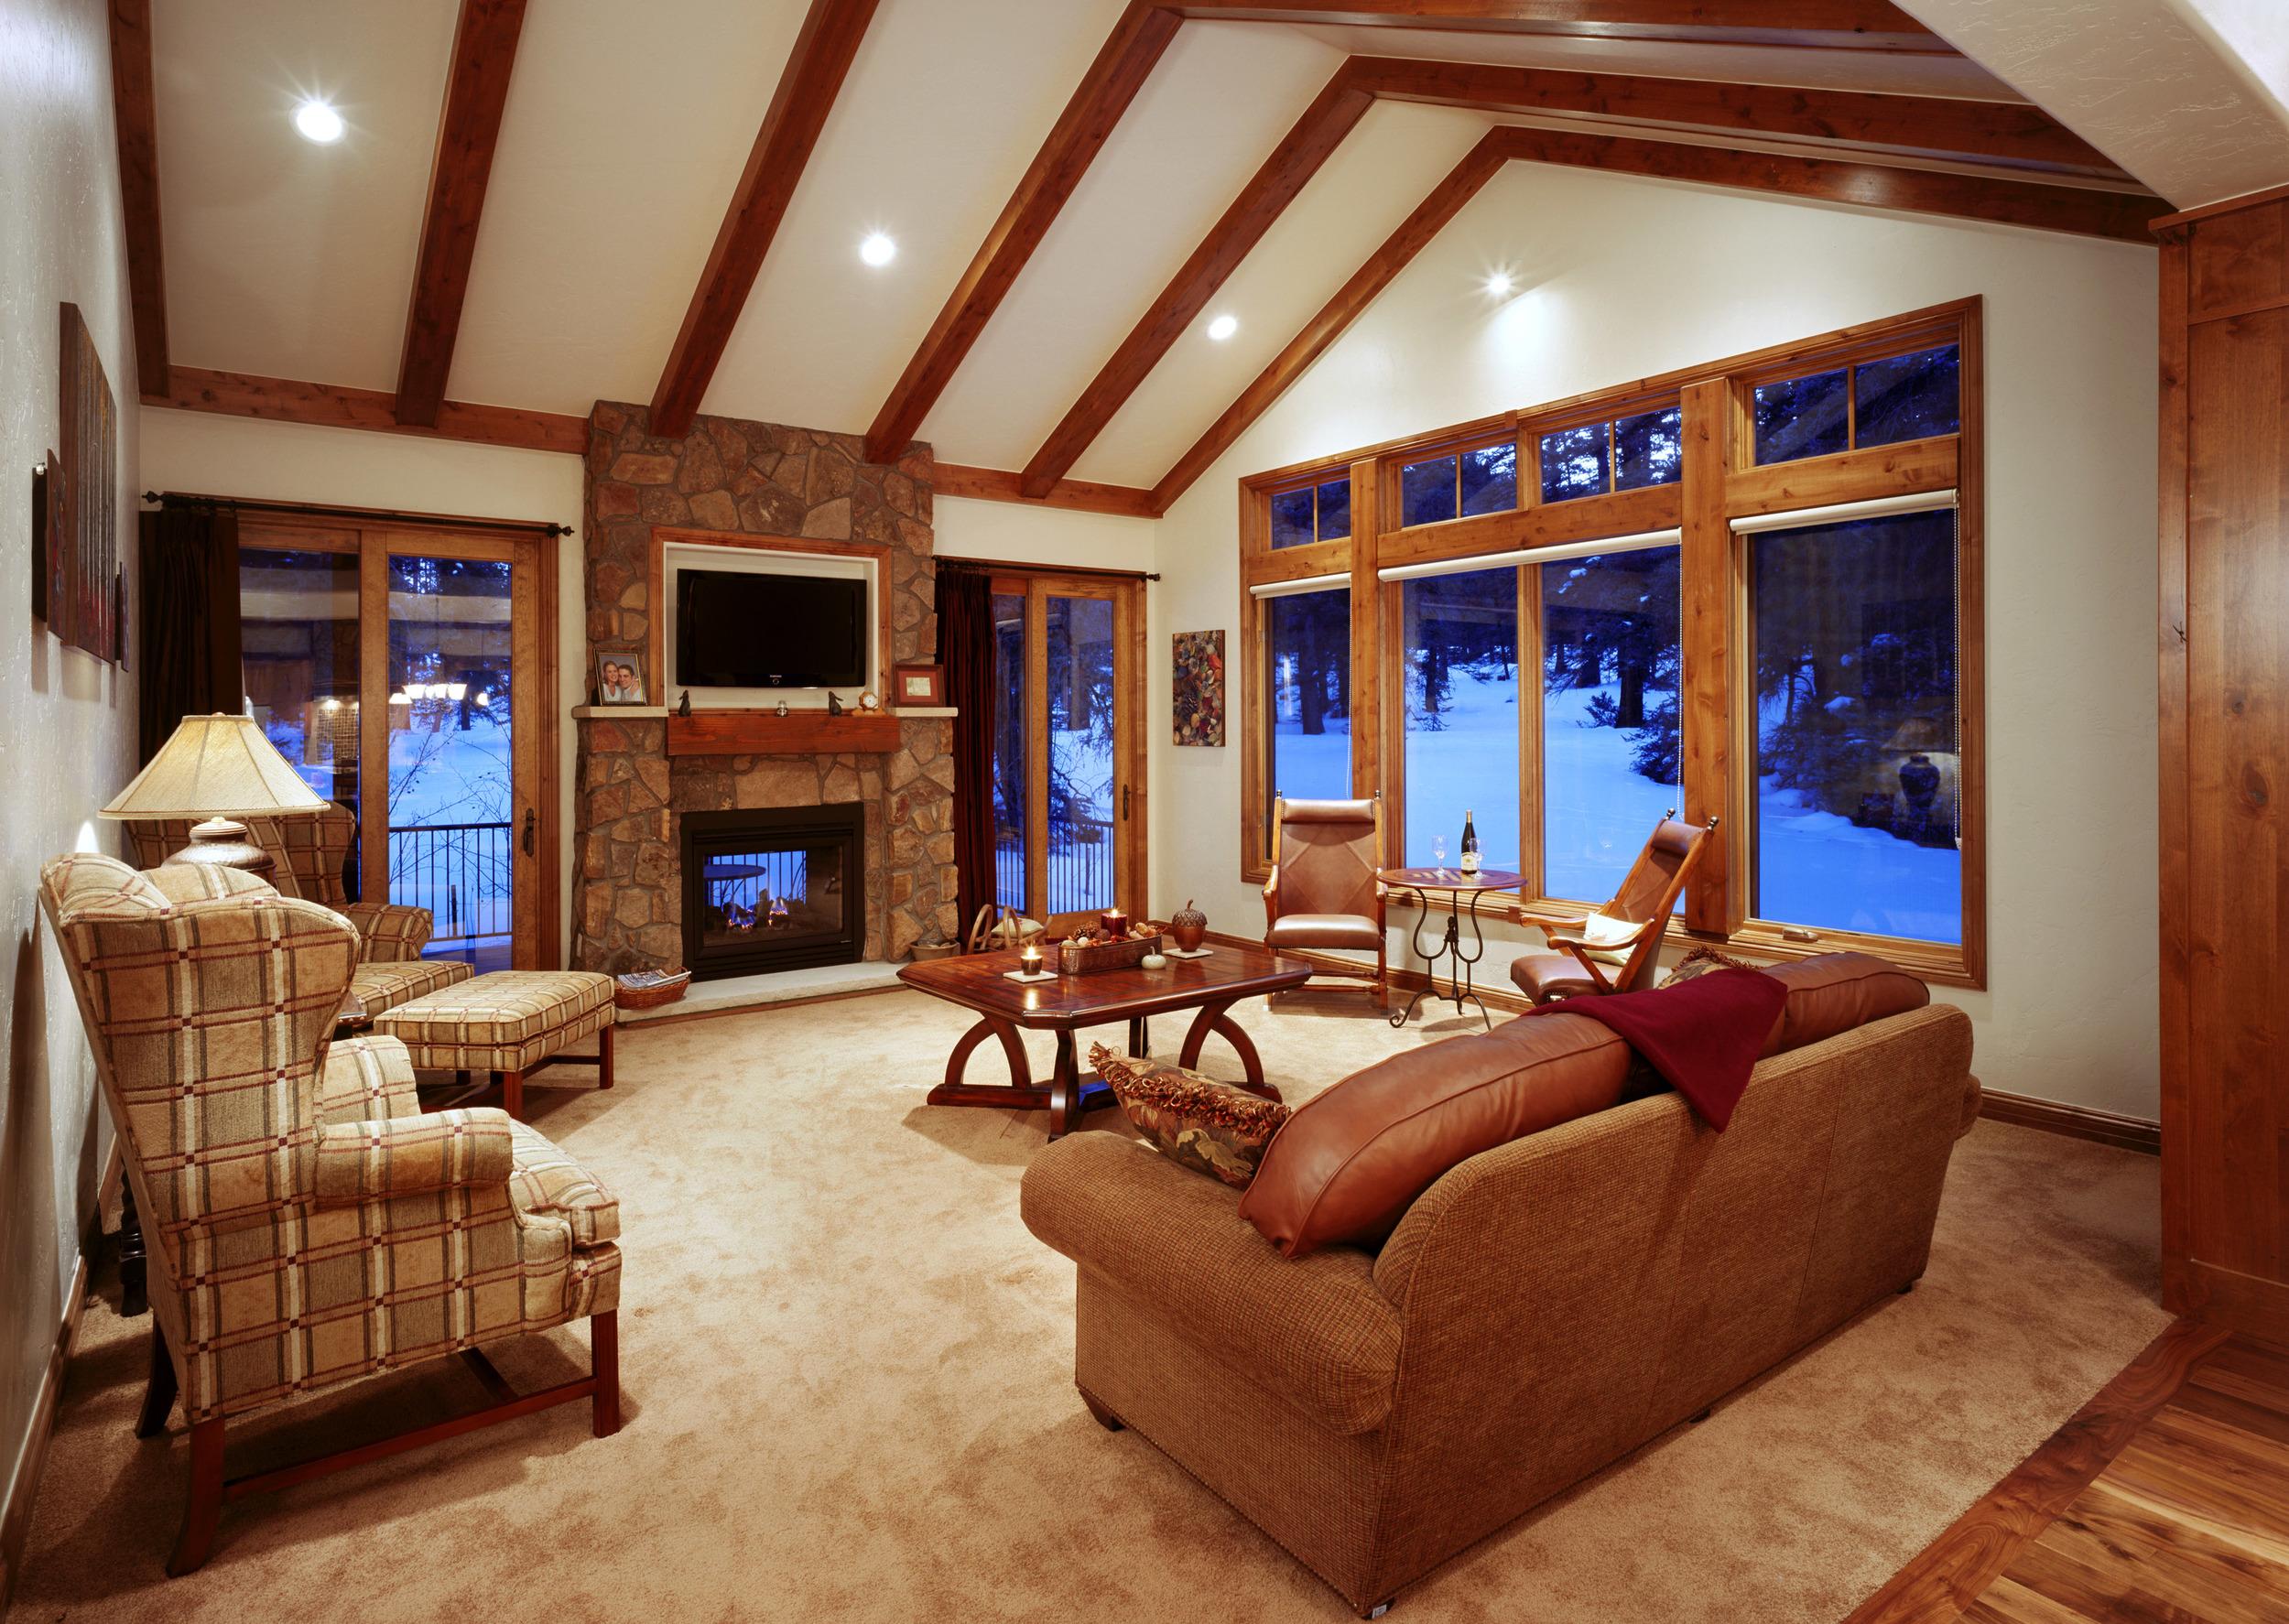 TVA-Hauck-Great Room.jpg